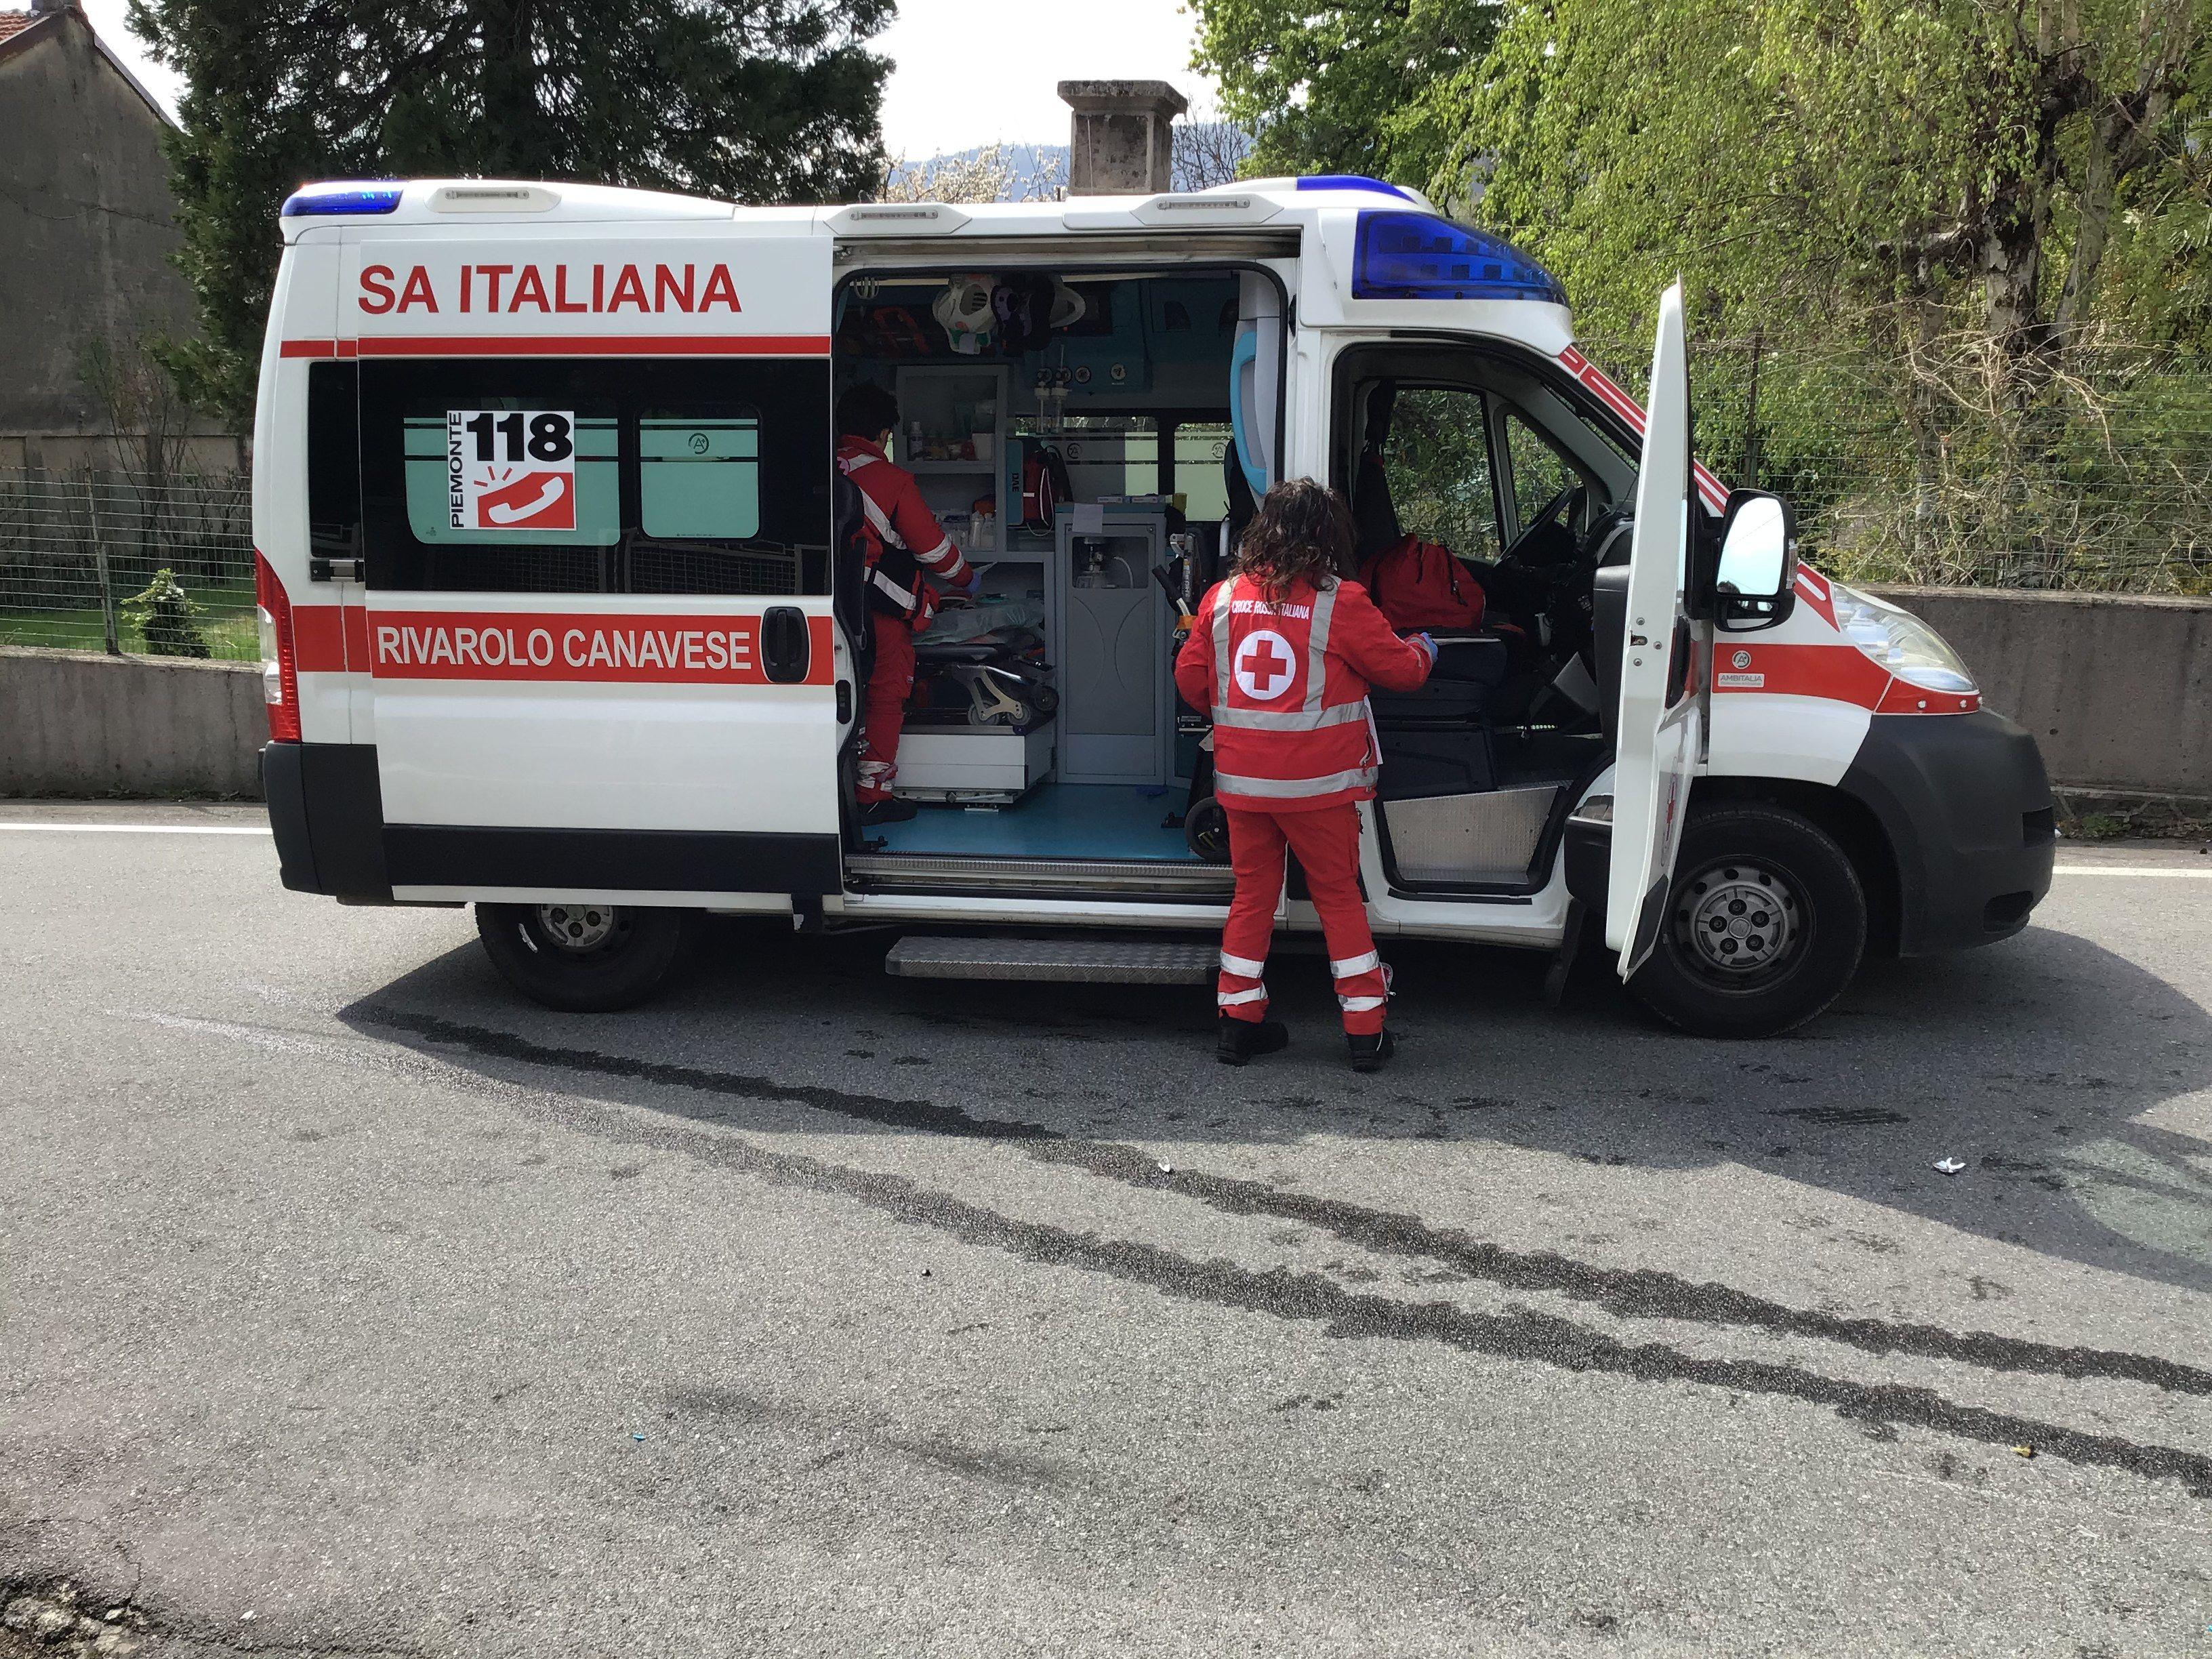 CASTELLAMONTE - Pensionato si spara e muore dopo otto giorni di agonia in ospedale